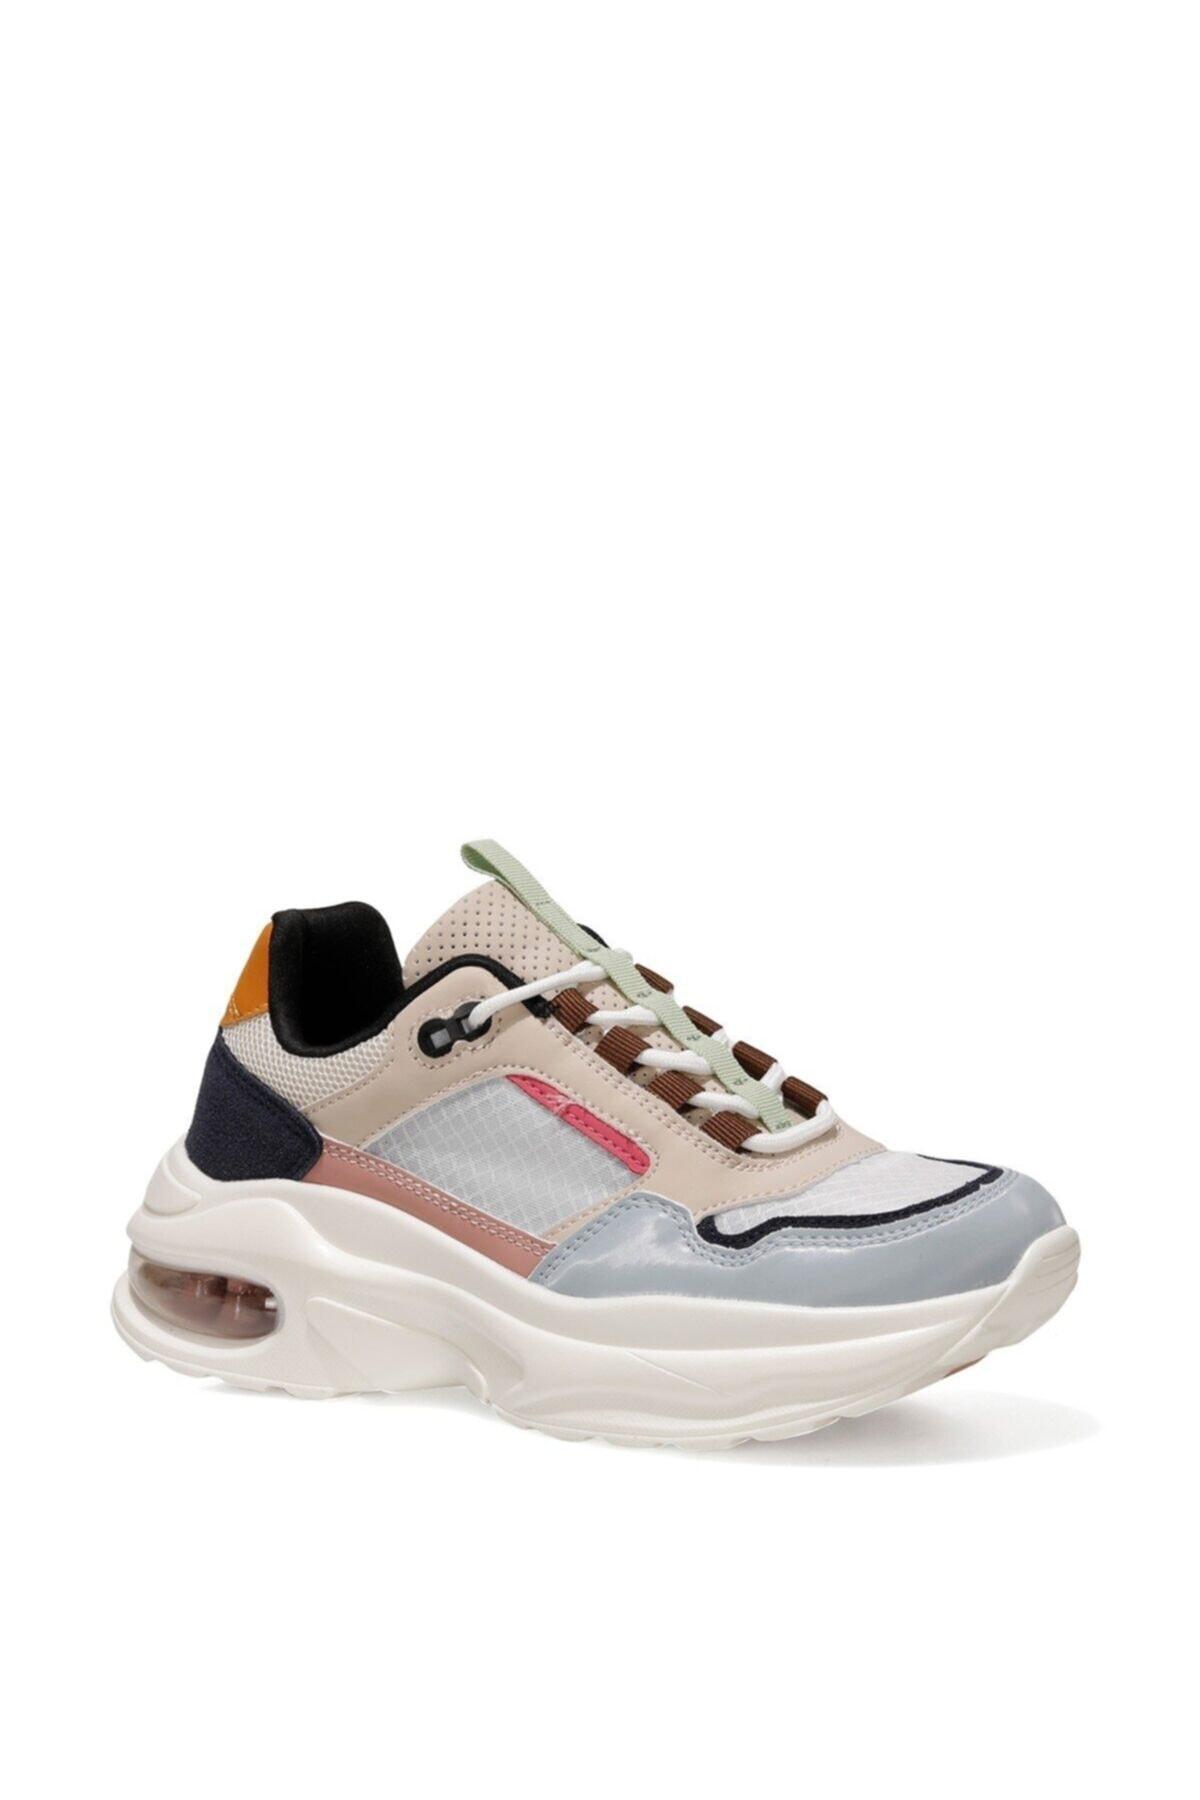 Nine West Kadın Sneaker Ayakkabı 1